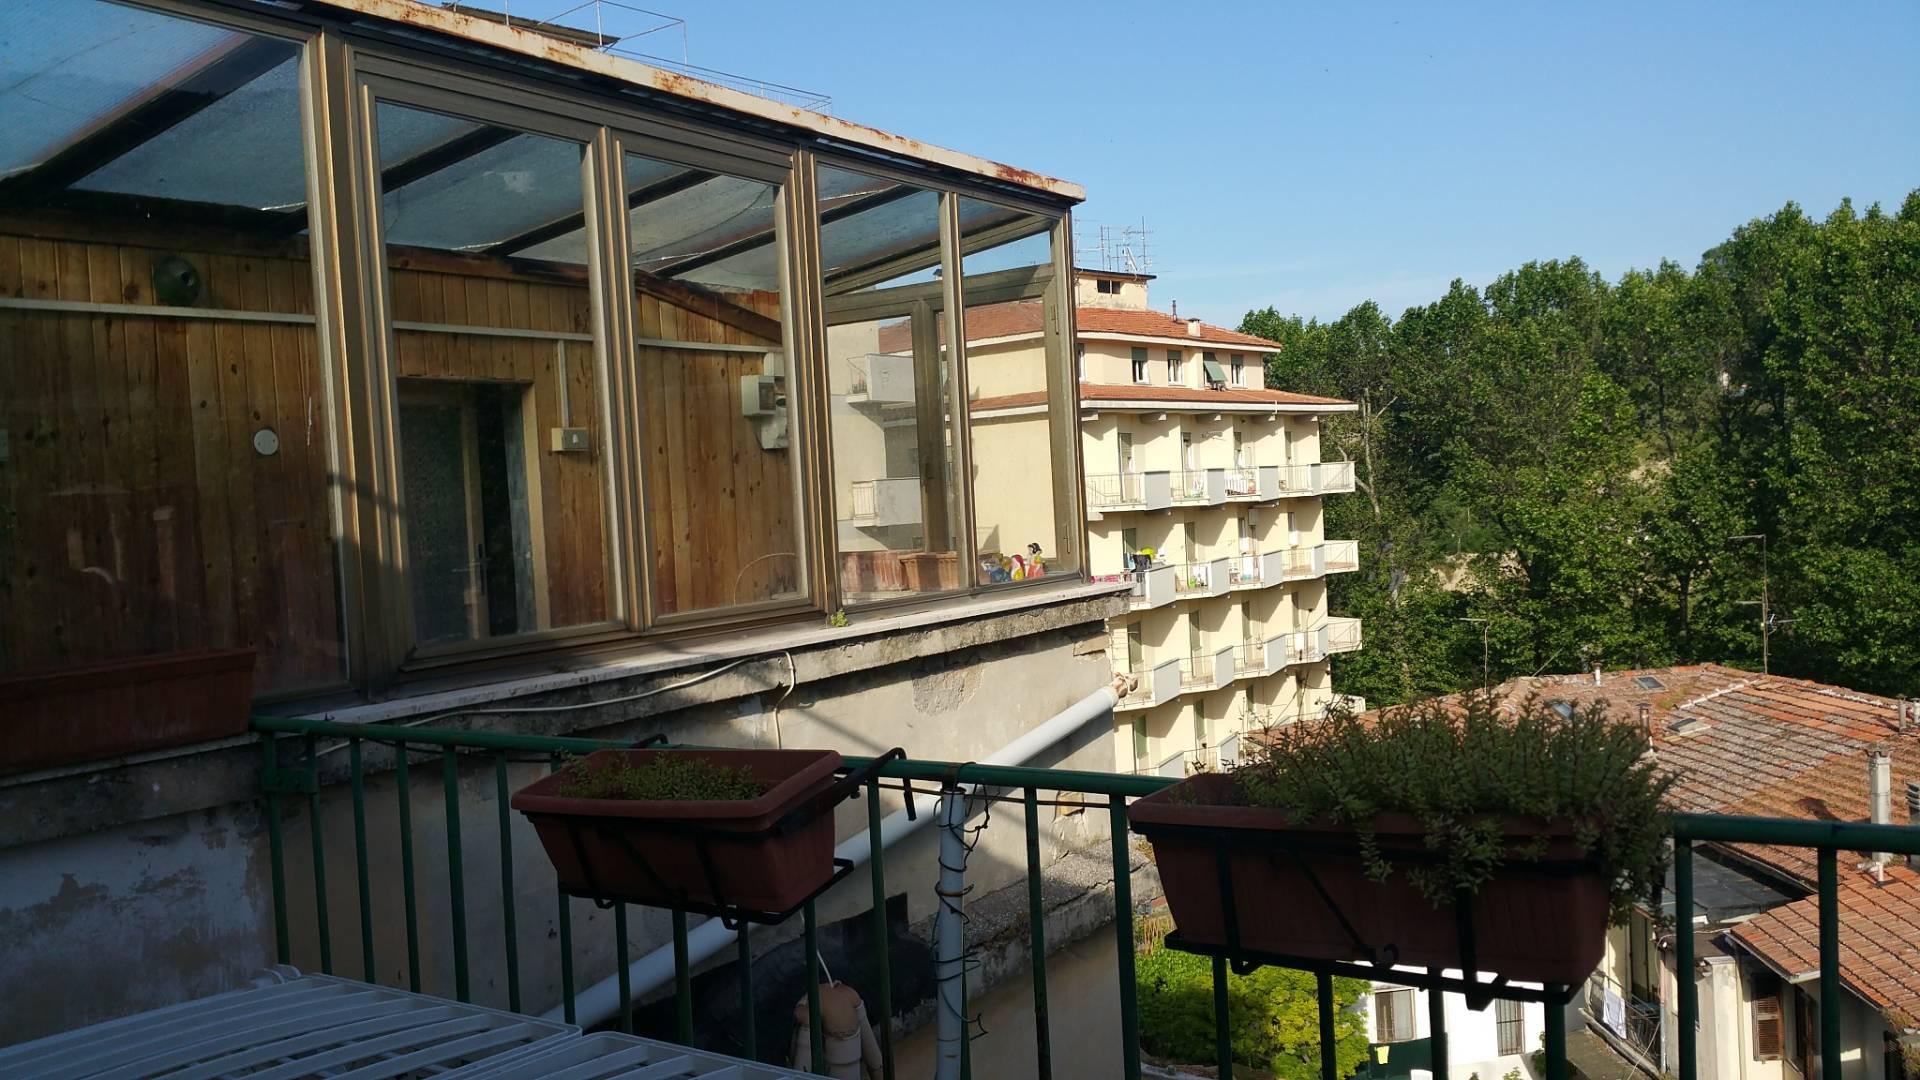 Appartamento in vendita a Ascoli Piceno, 15 locali, zona Zona: Piazzarola, prezzo € 280.000 | Cambio Casa.it